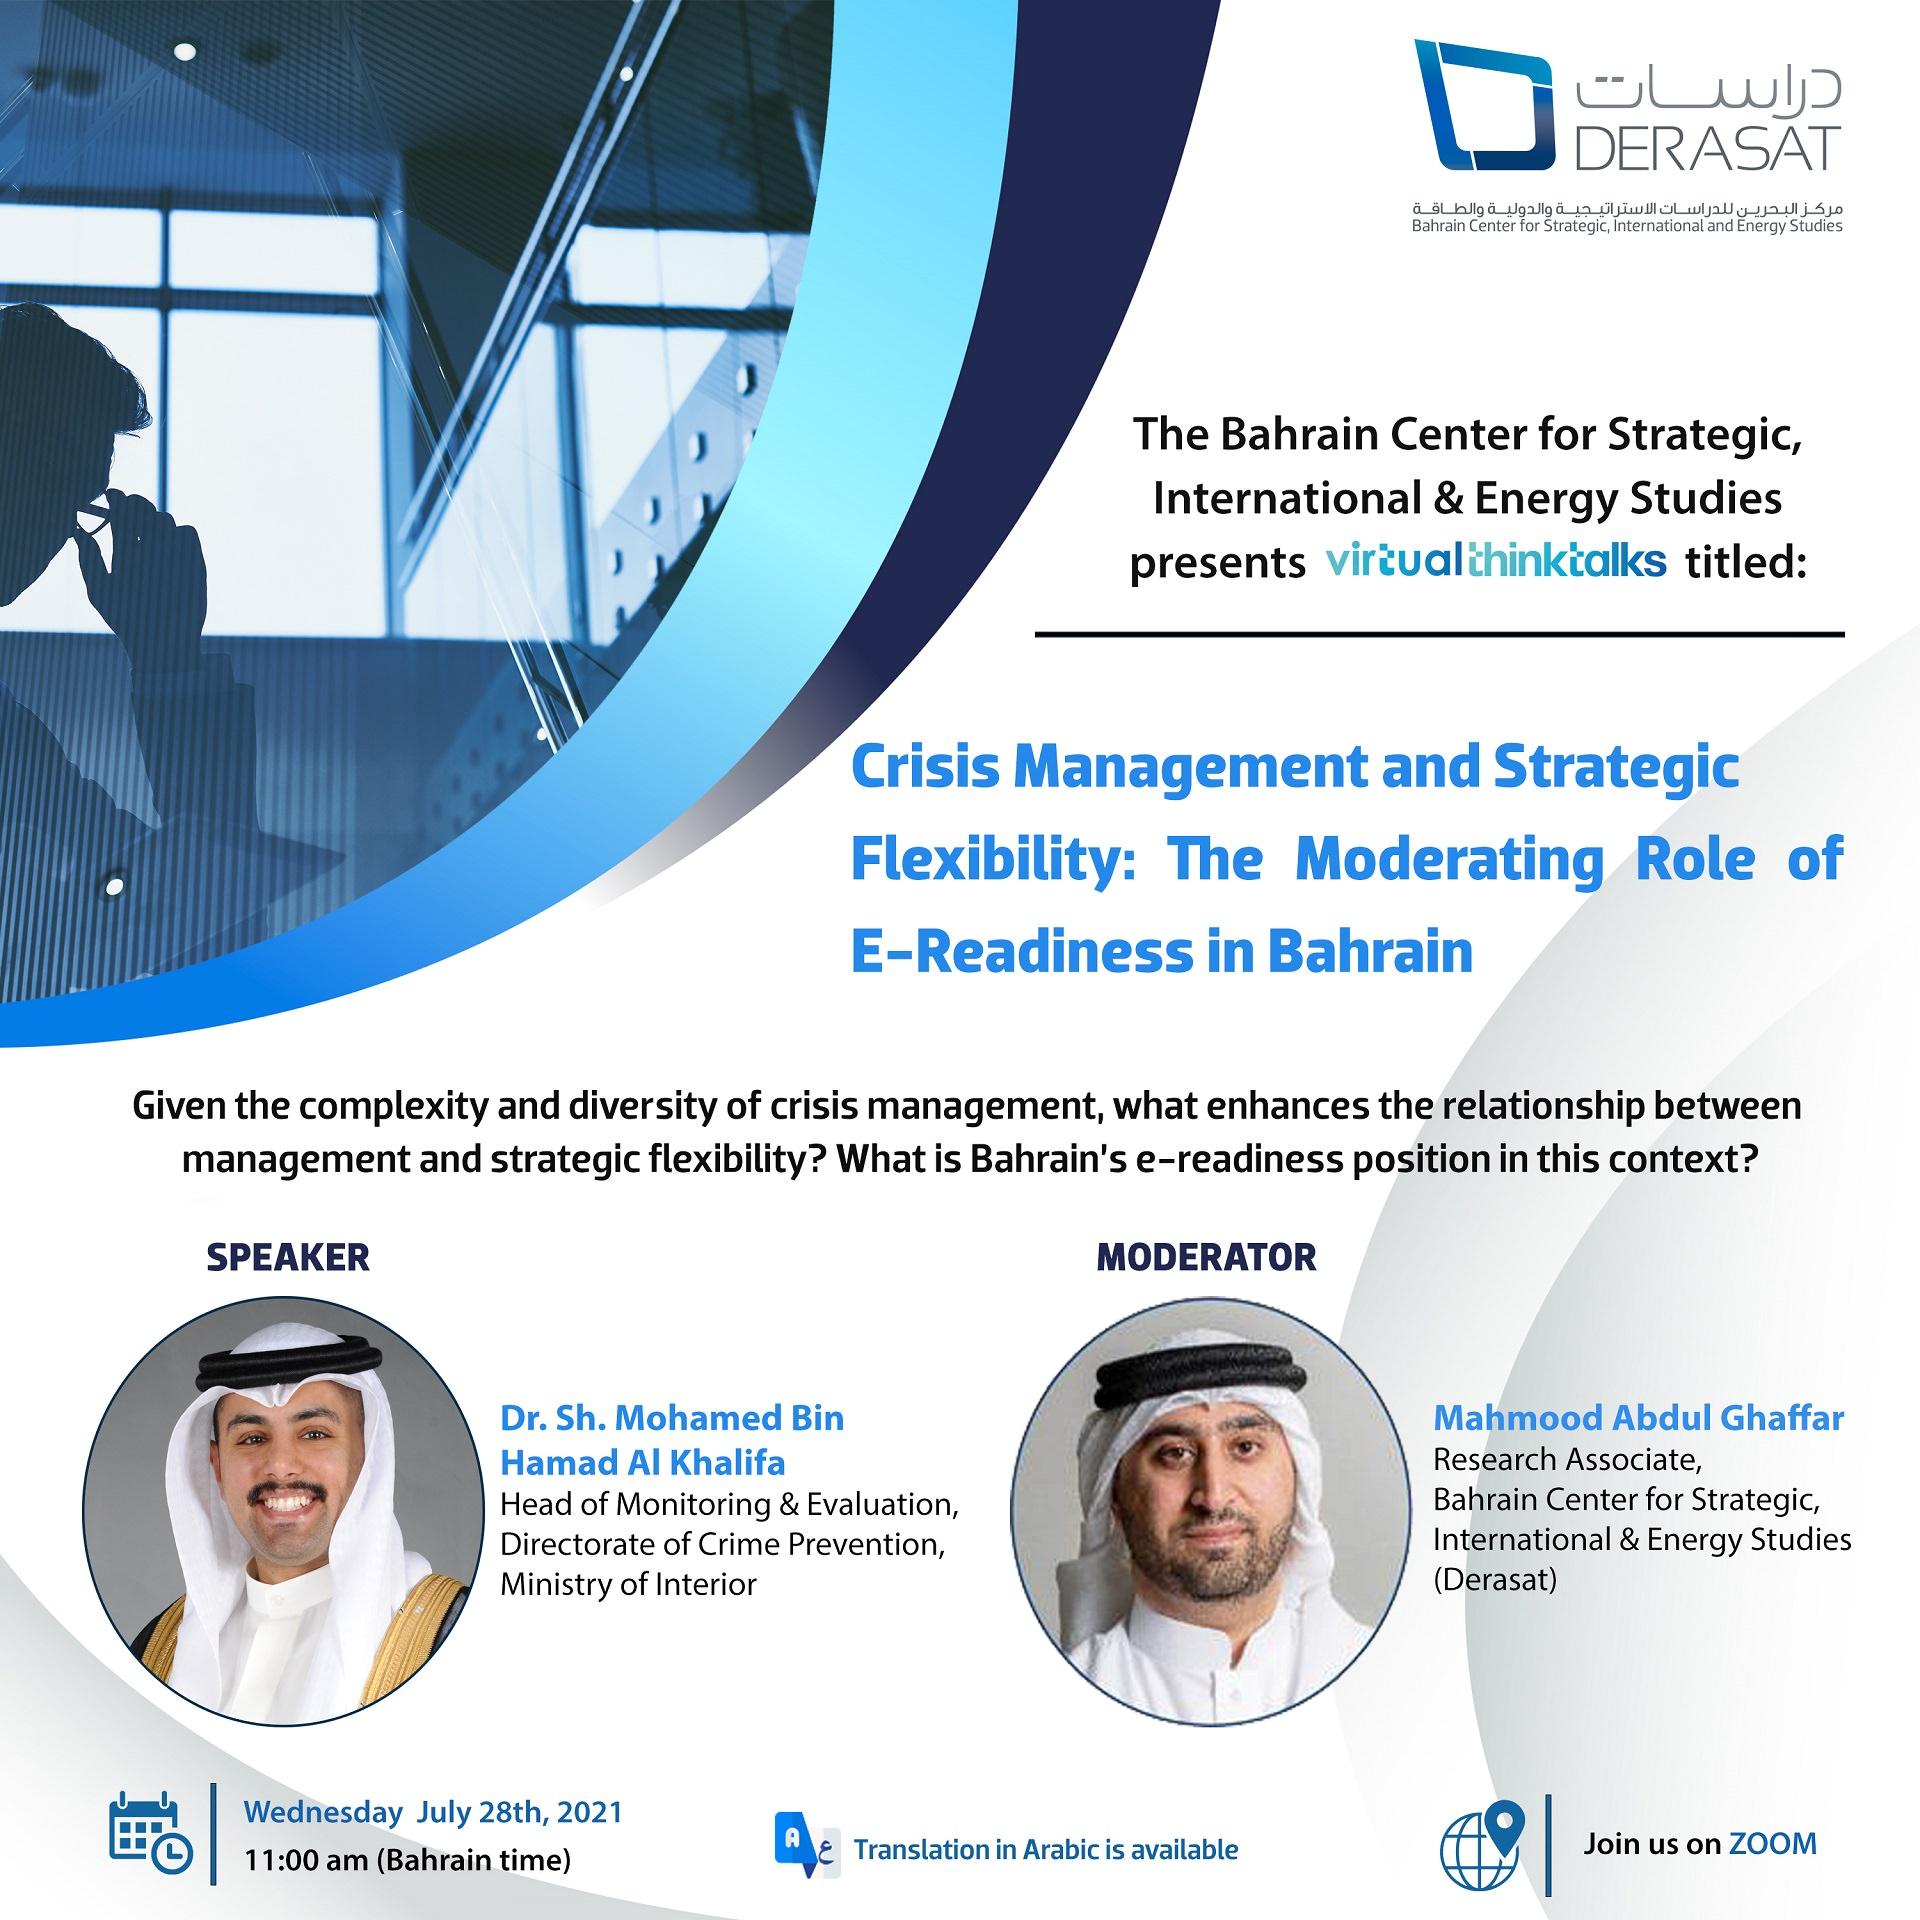 إدارة الأزمات والمرونة الاستراتيجية: دور الجاهزية الإلكترونية في إدارة المخاطر في مملكة البحرين